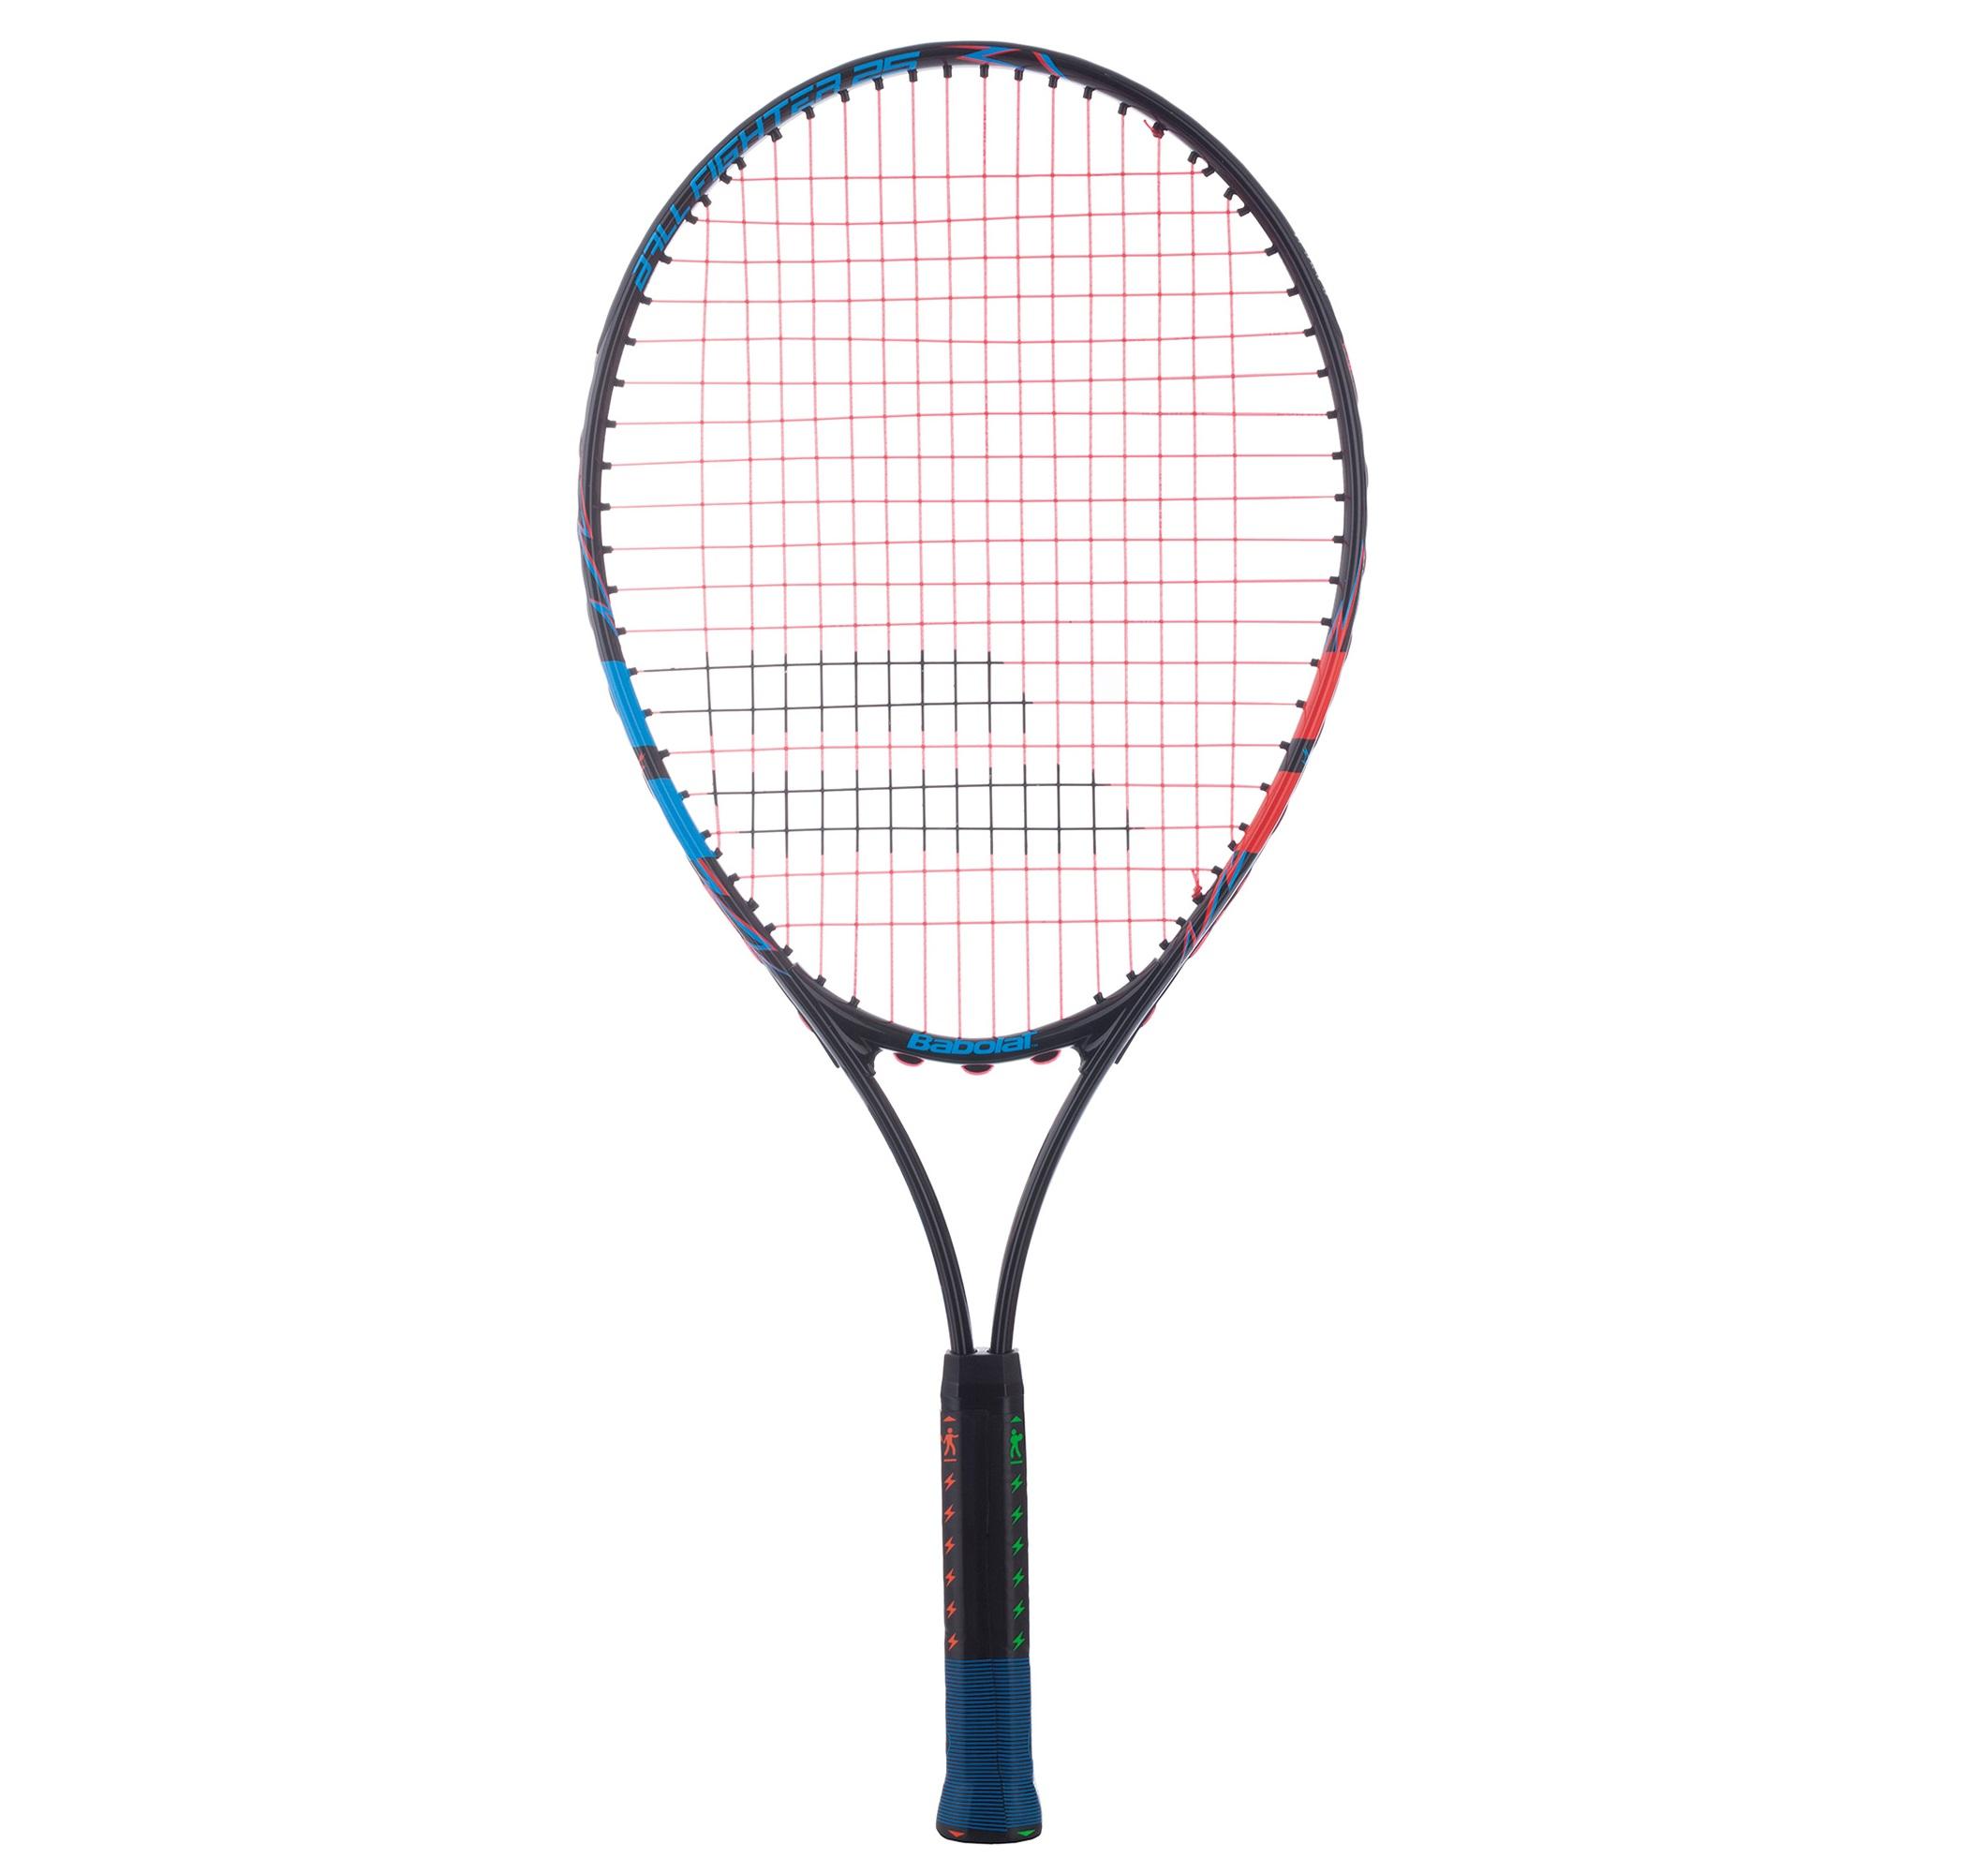 Babolat Ракетка для большого тенниса детская Babolat Ballfighter 25 babolat ракетка для большого тенниса детская babolat ballfighter 23